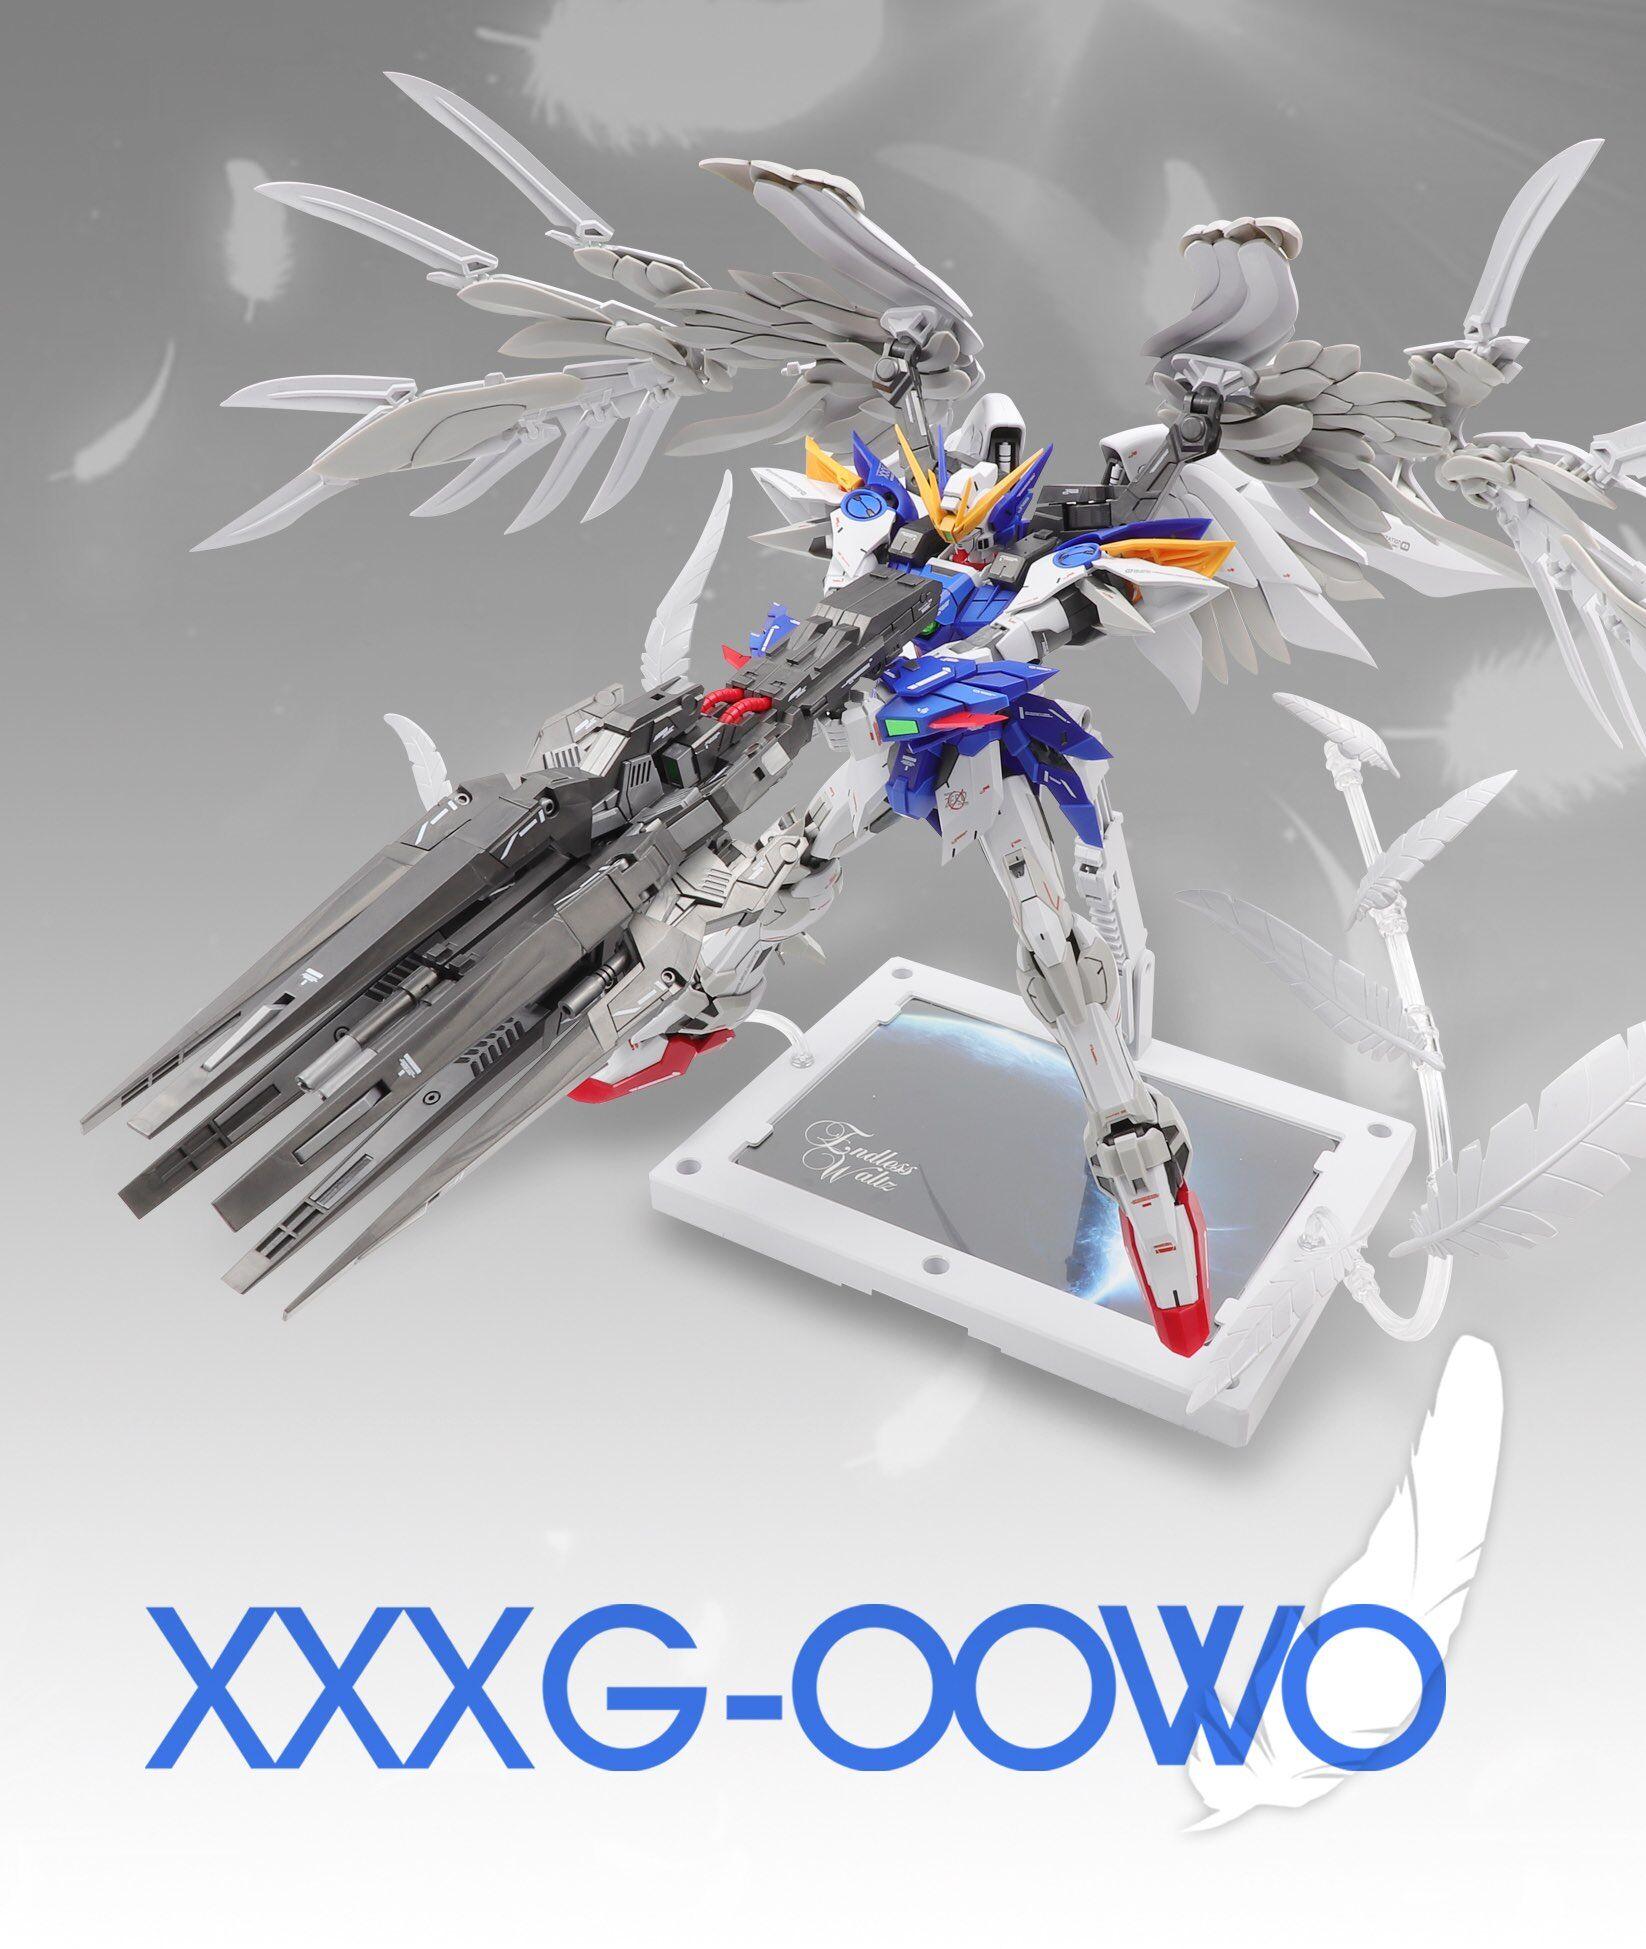 O1CN01nGCxMz1RwBvXzQS8c_!!1101192175.jpg